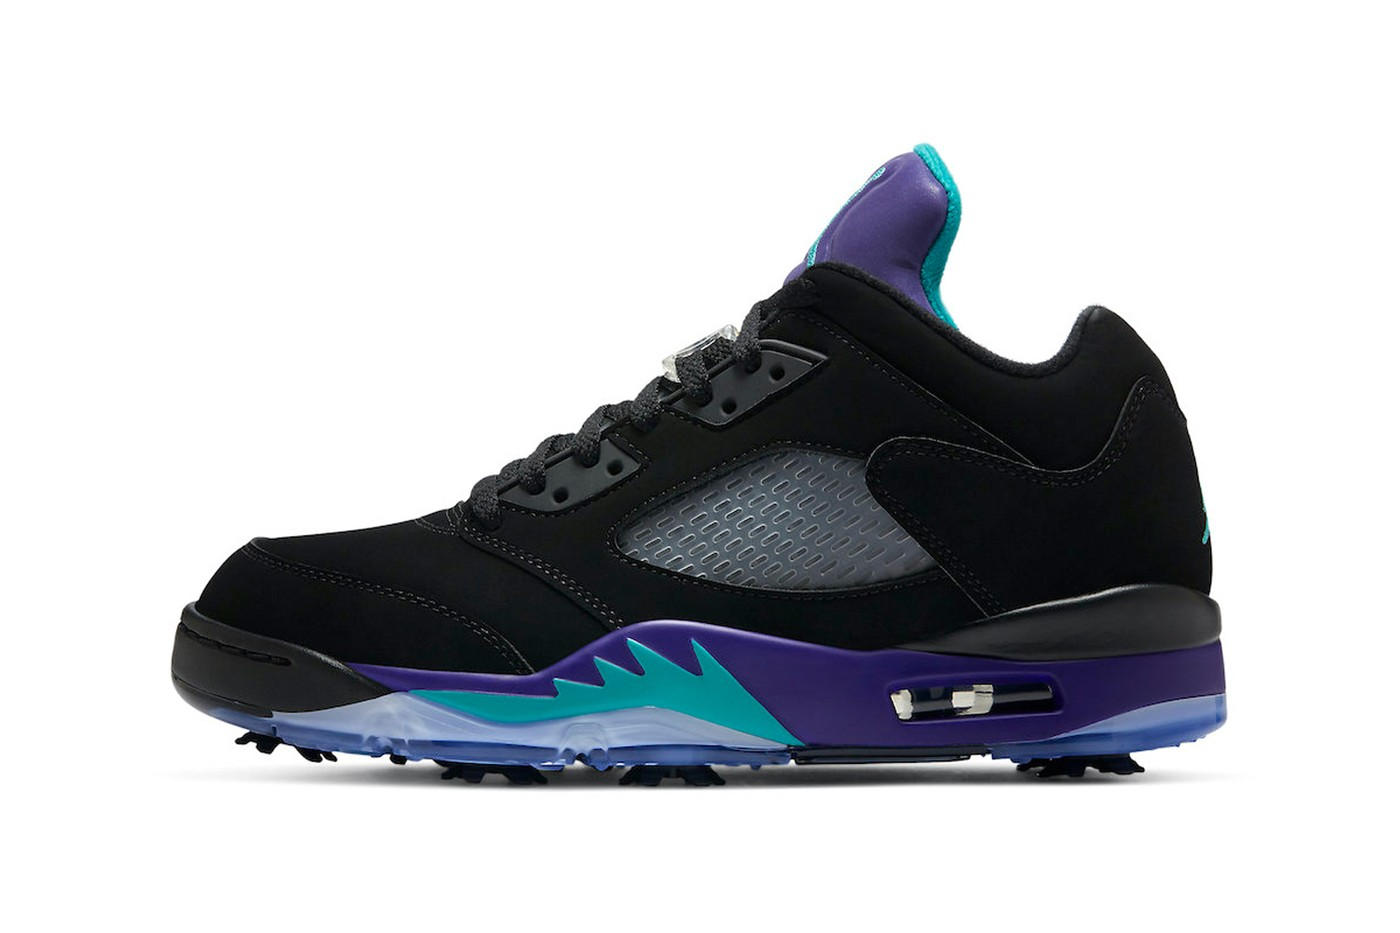 """Air Jordan 5 Low"""" Black Grape""""黑紫配色来袭"""